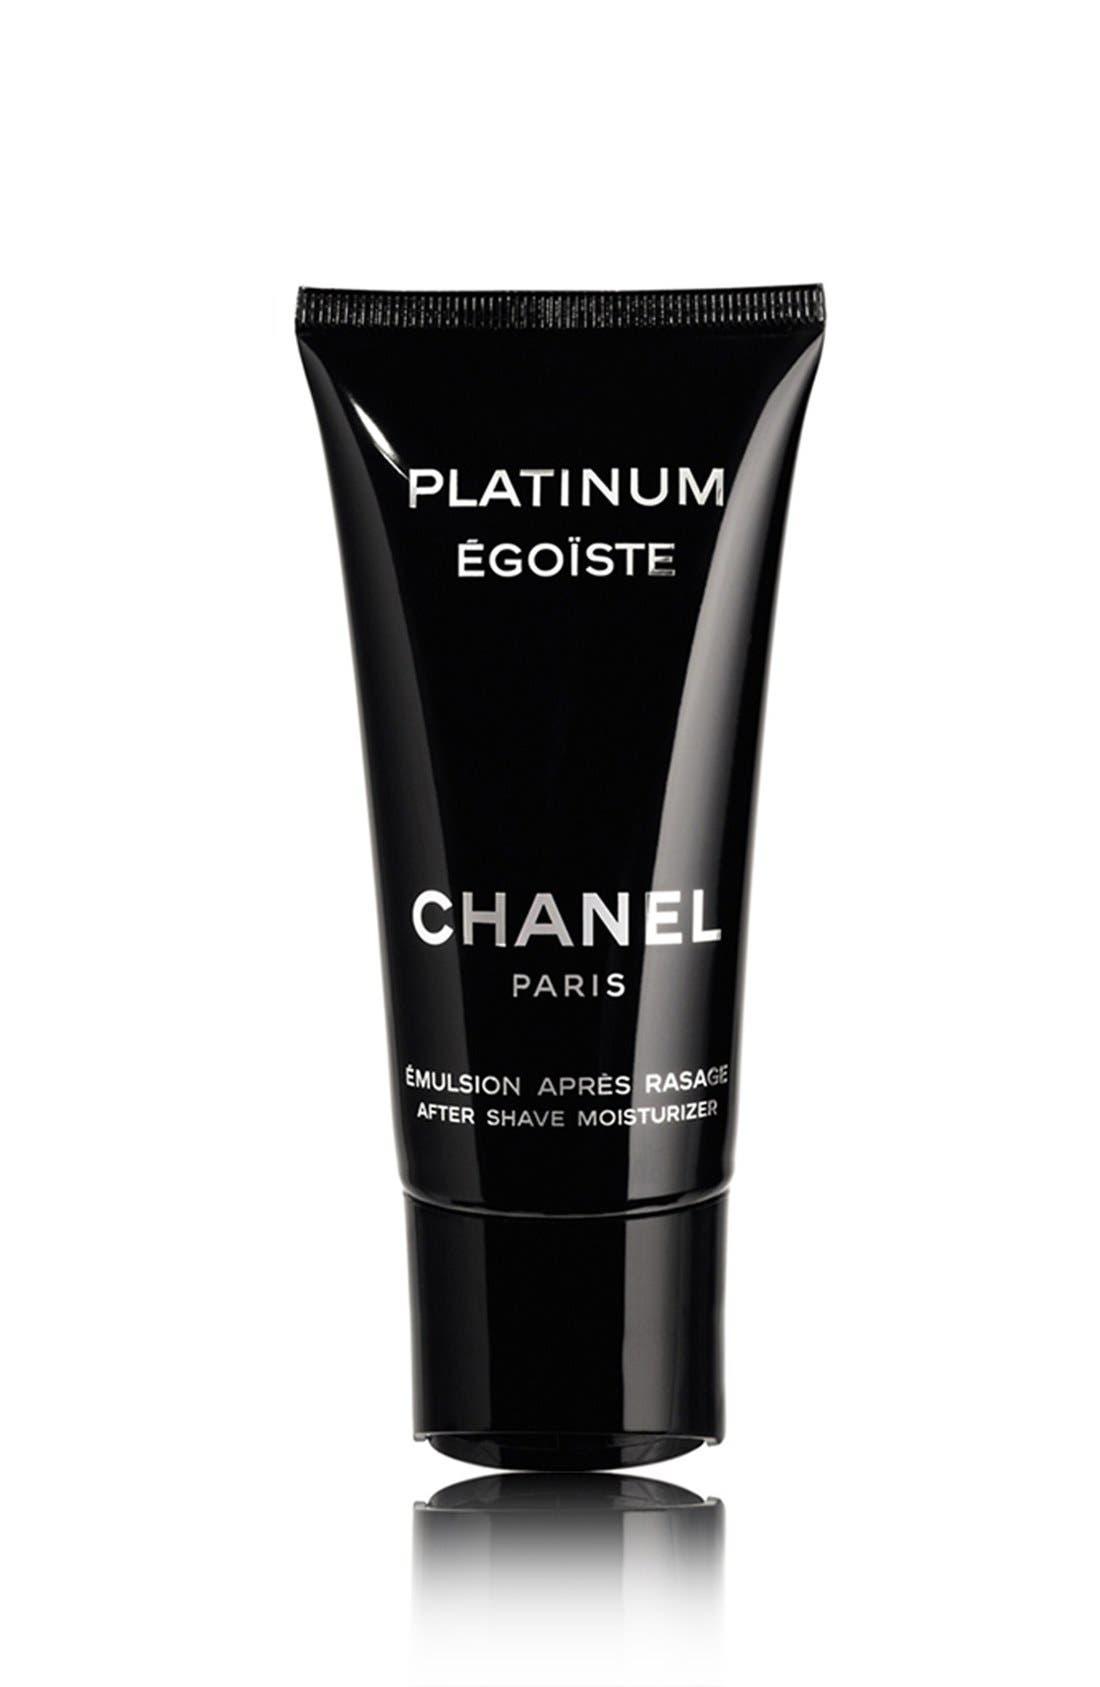 chanel aftershave. chanel platinum ÉgoÏste after shave moisturizer chanel aftershave